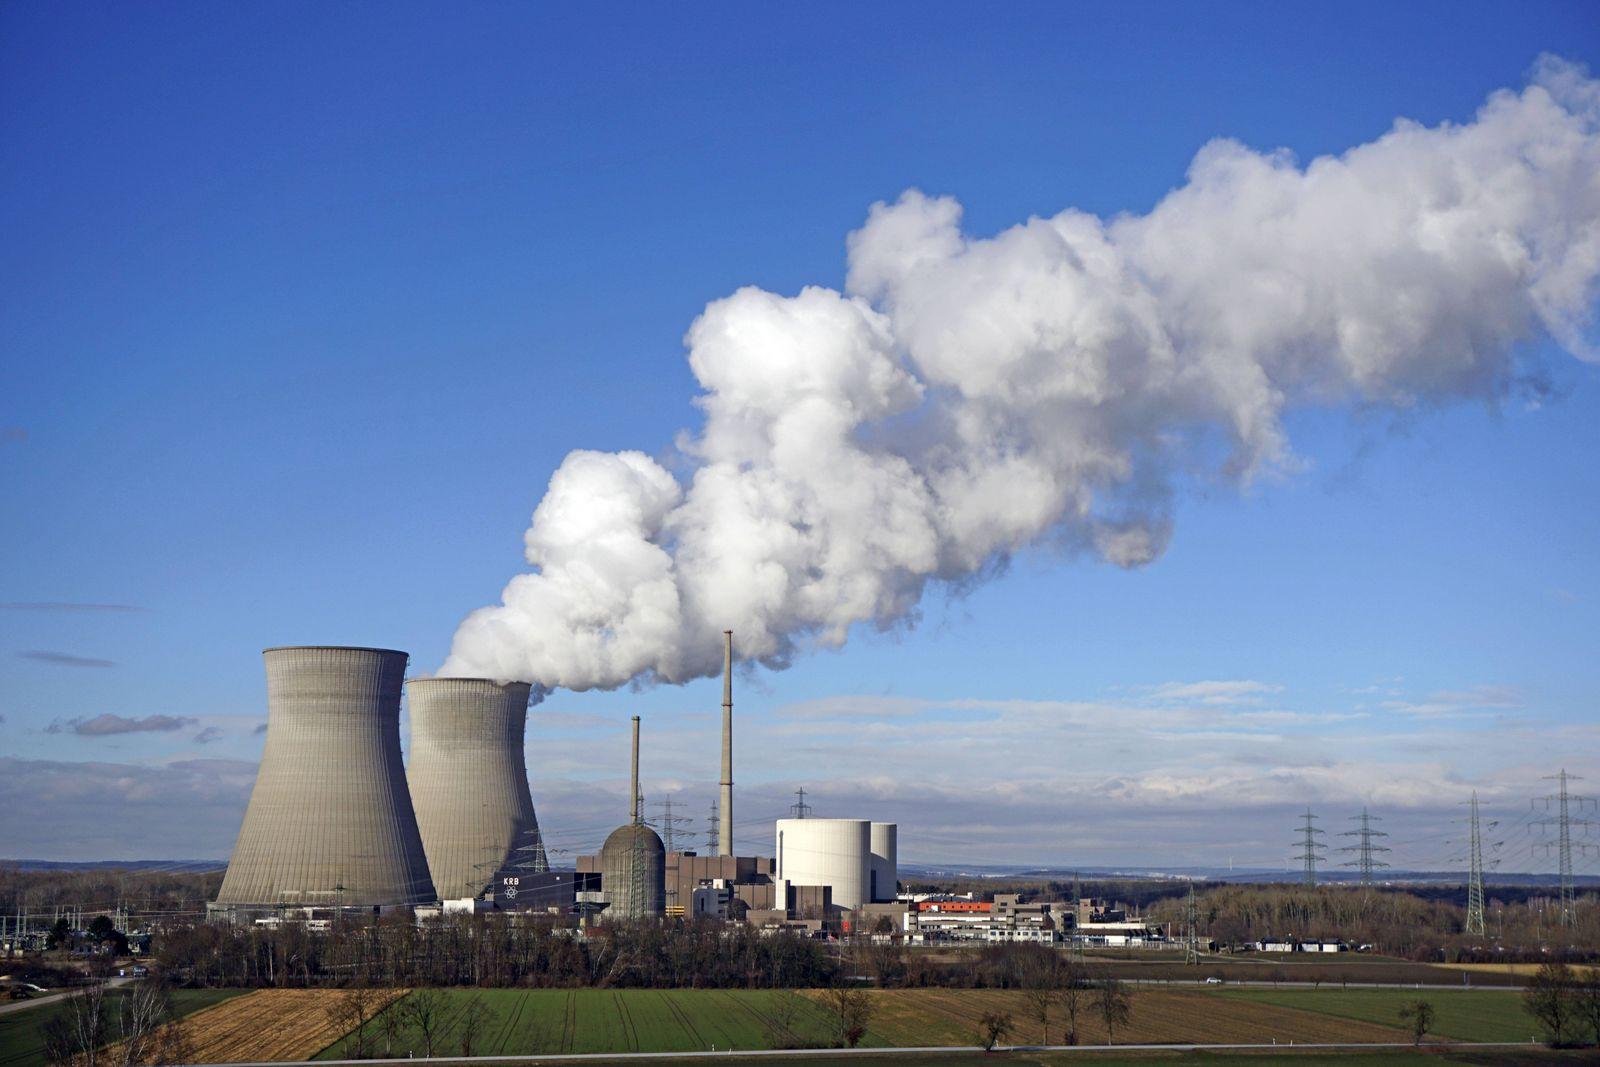 31.01.2019, Gundremmingen Kernkraftwerk, an der Donau im Landkreis Günzburg, betrieben von der RWE. 31.01.2019, Gundrem